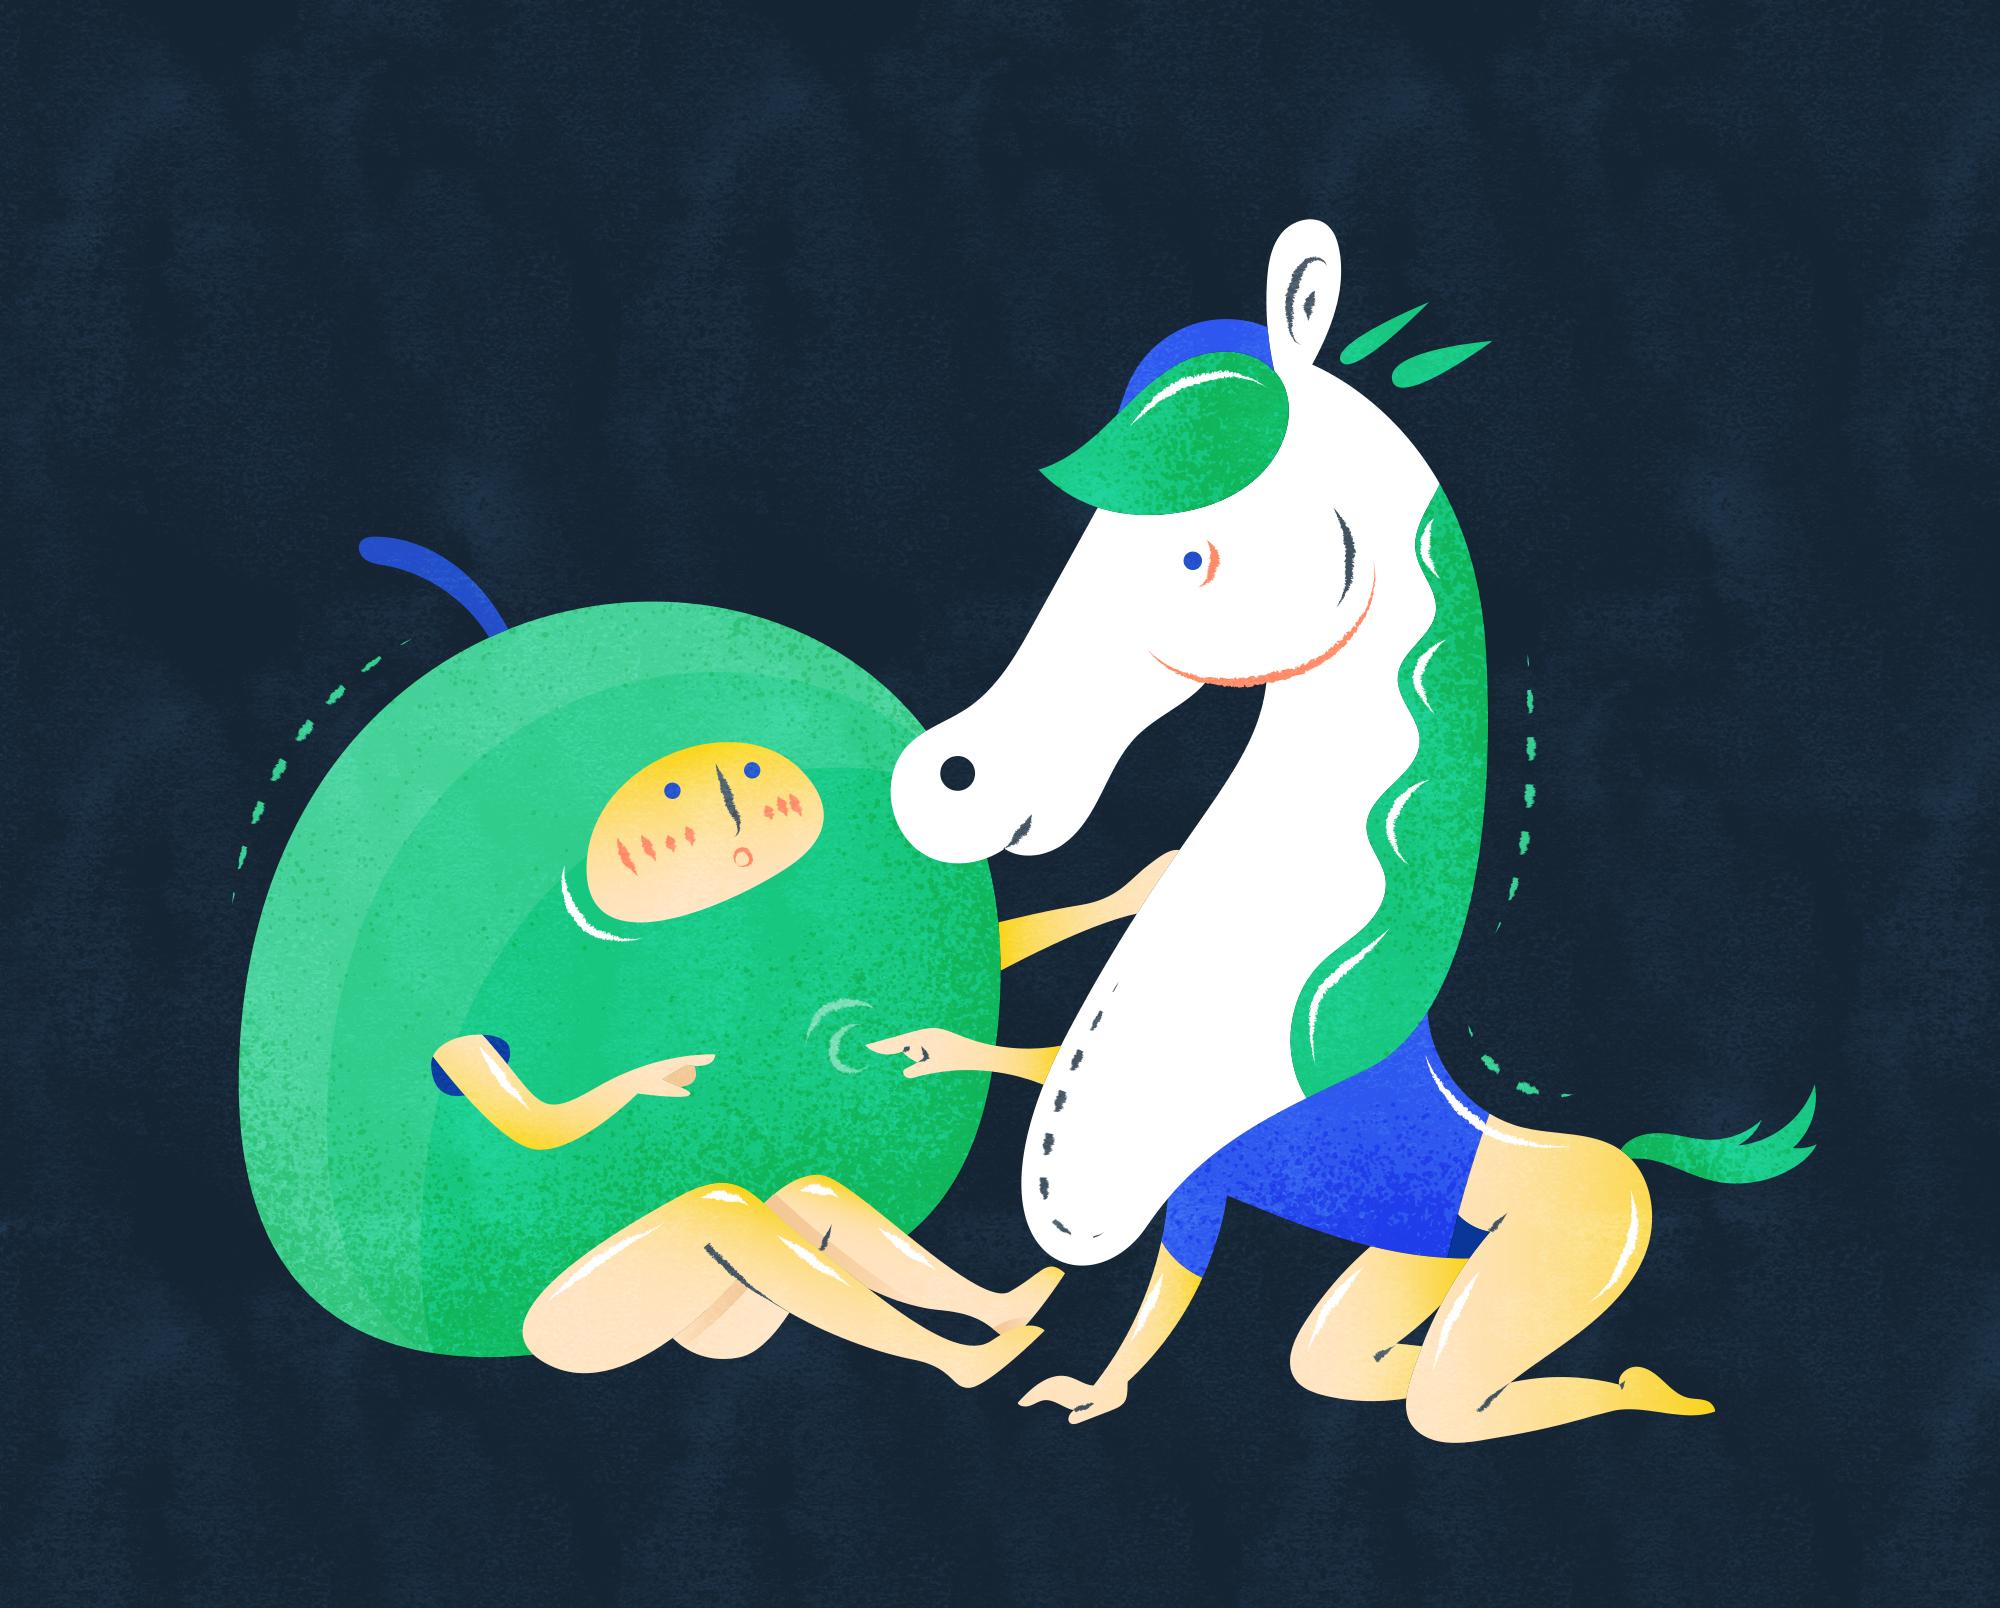 """青梅竹马 n. - """"Green plum and bamboo horse"""" - Intimate friendship formed in childhood.e.g. Growing up together, they are a couple of 青梅竹马."""